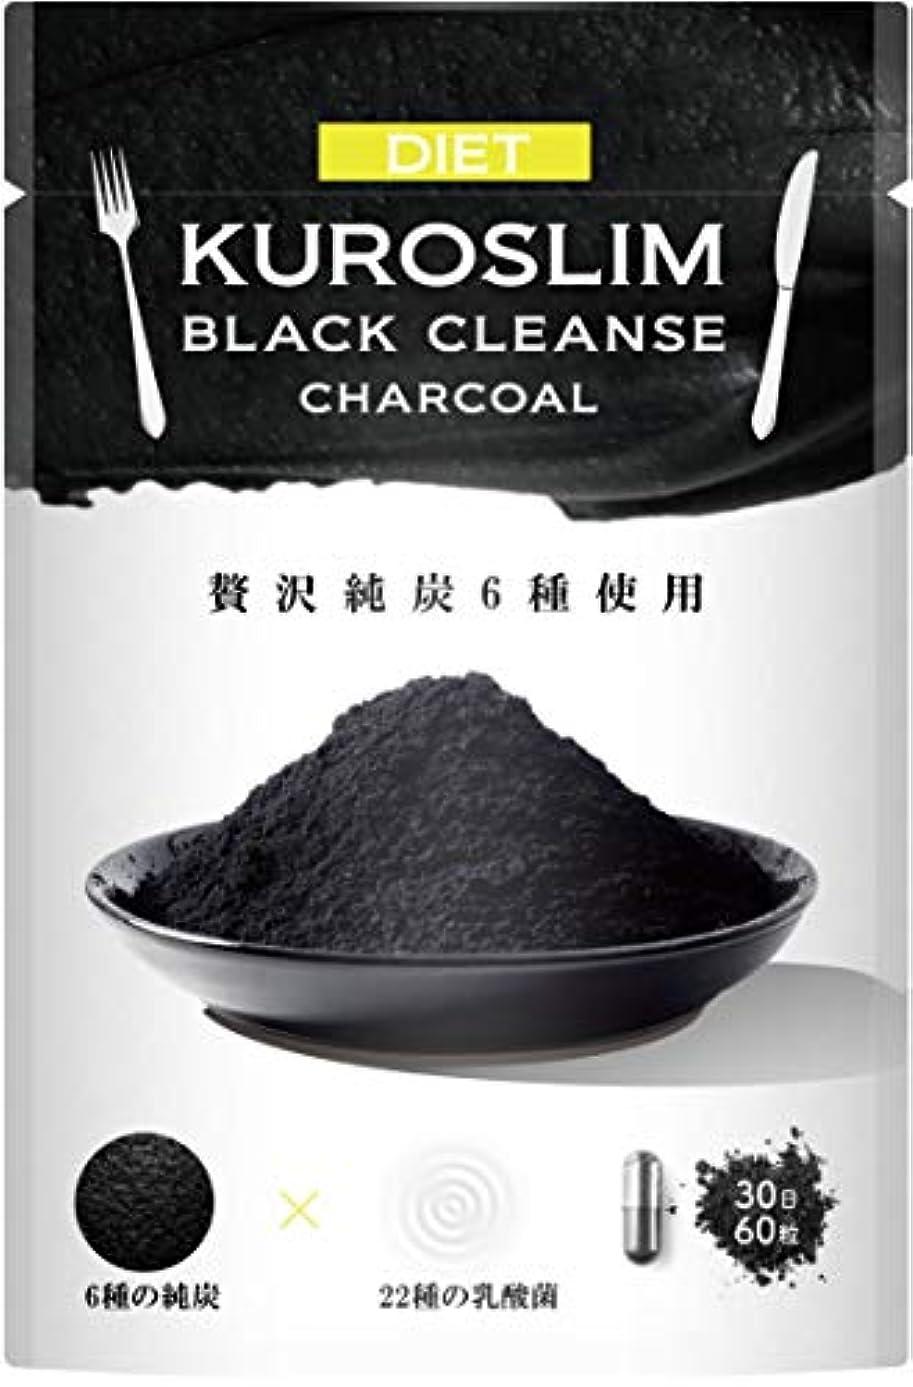 モールス信号ジョガークラッチ炭ダイエット サプリ KUROSLIM チャコール サプリメント 6種の純炭 60粒30日分